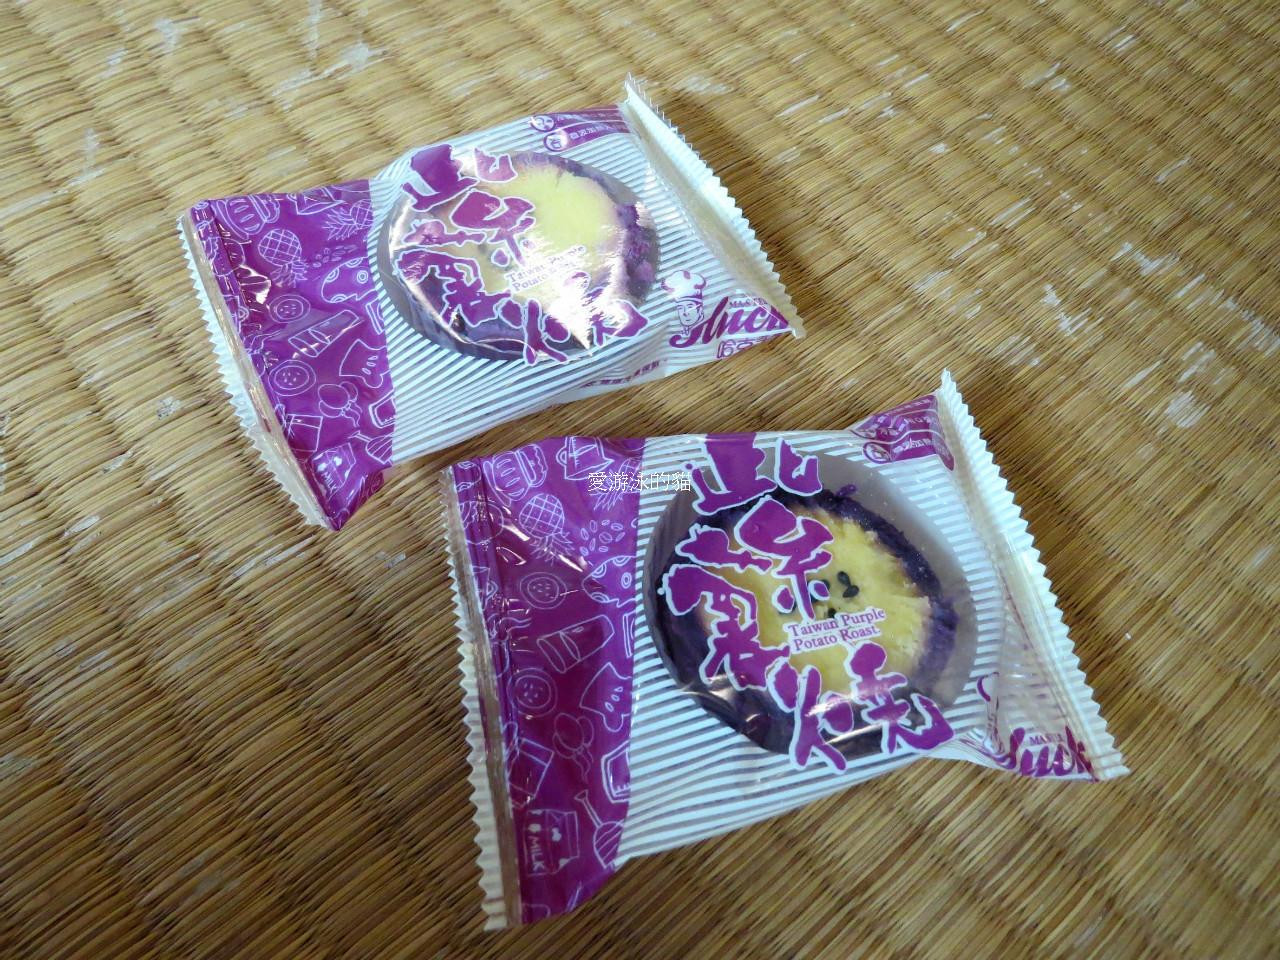 台中伴手禮-哈克大師紫薯燒-獲獎無數的產品